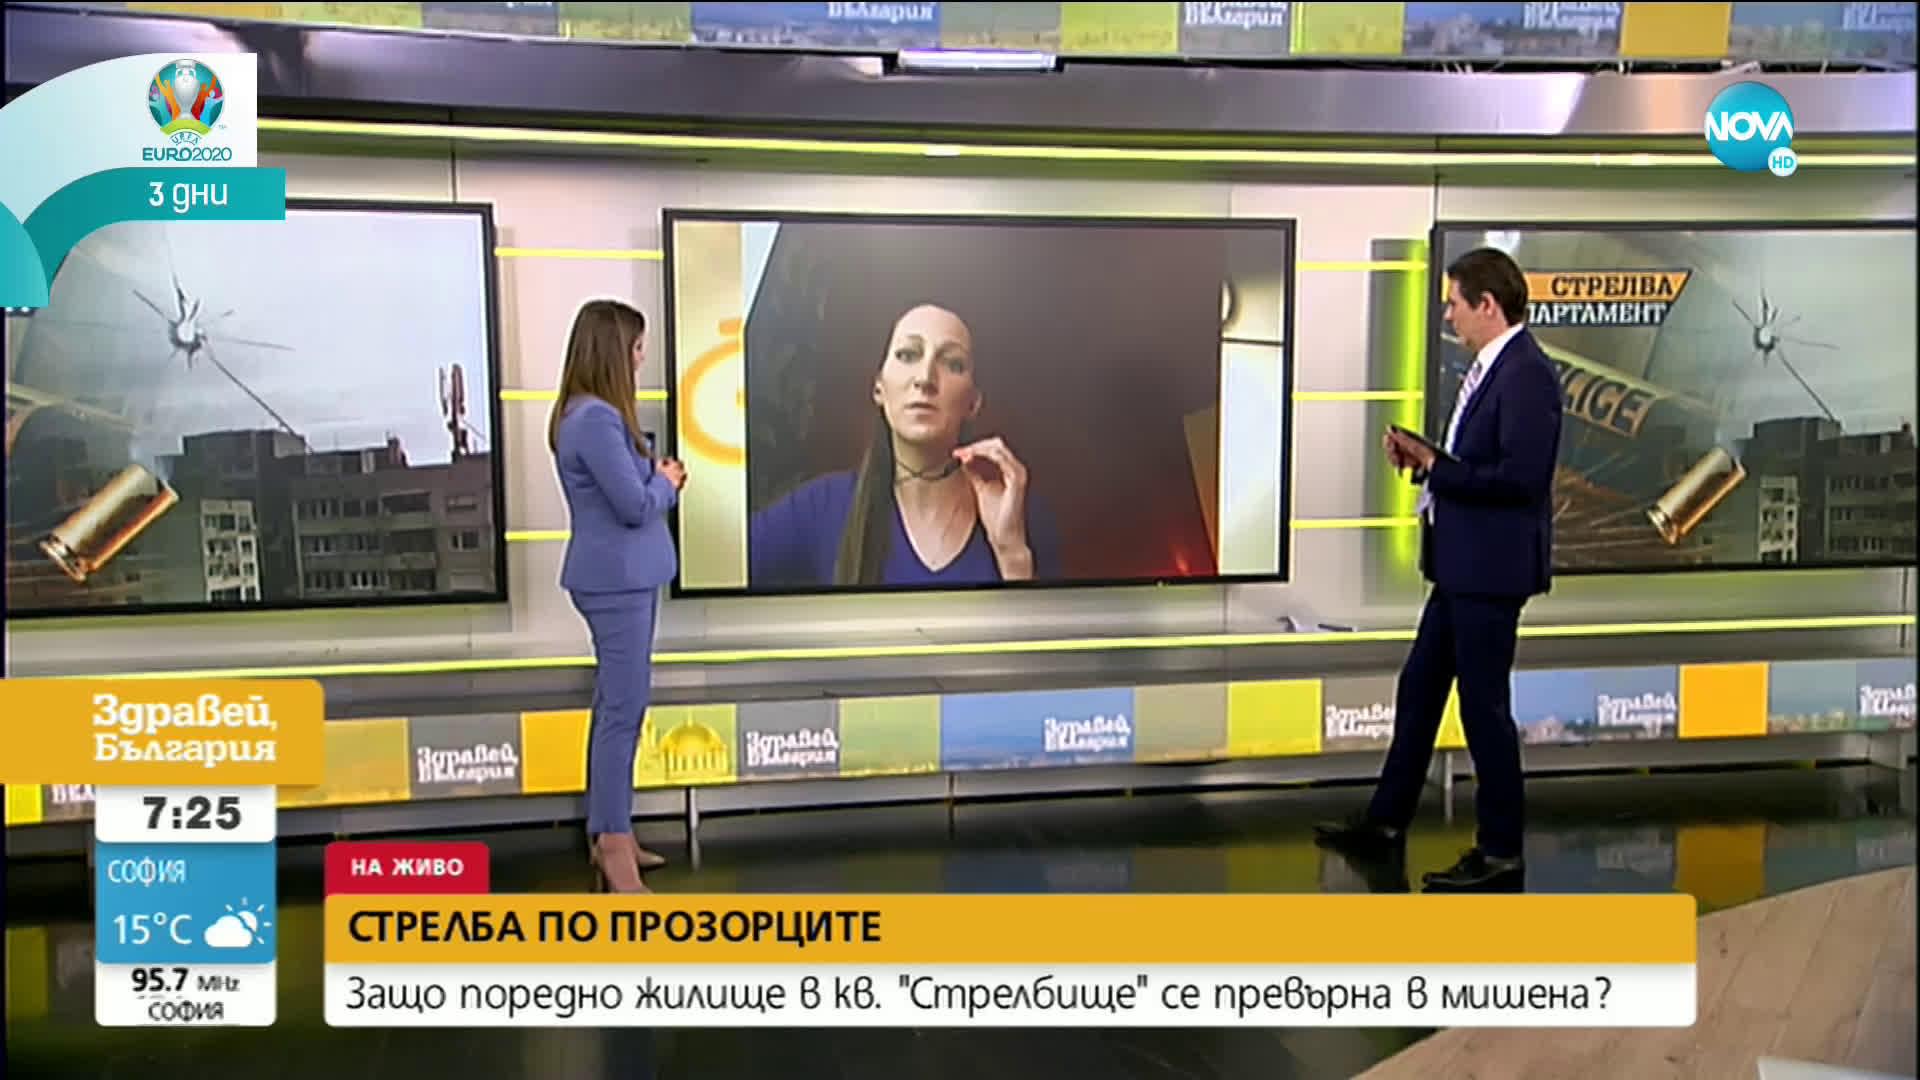 Неизвестни стреляха по прозорците на апартамент в София